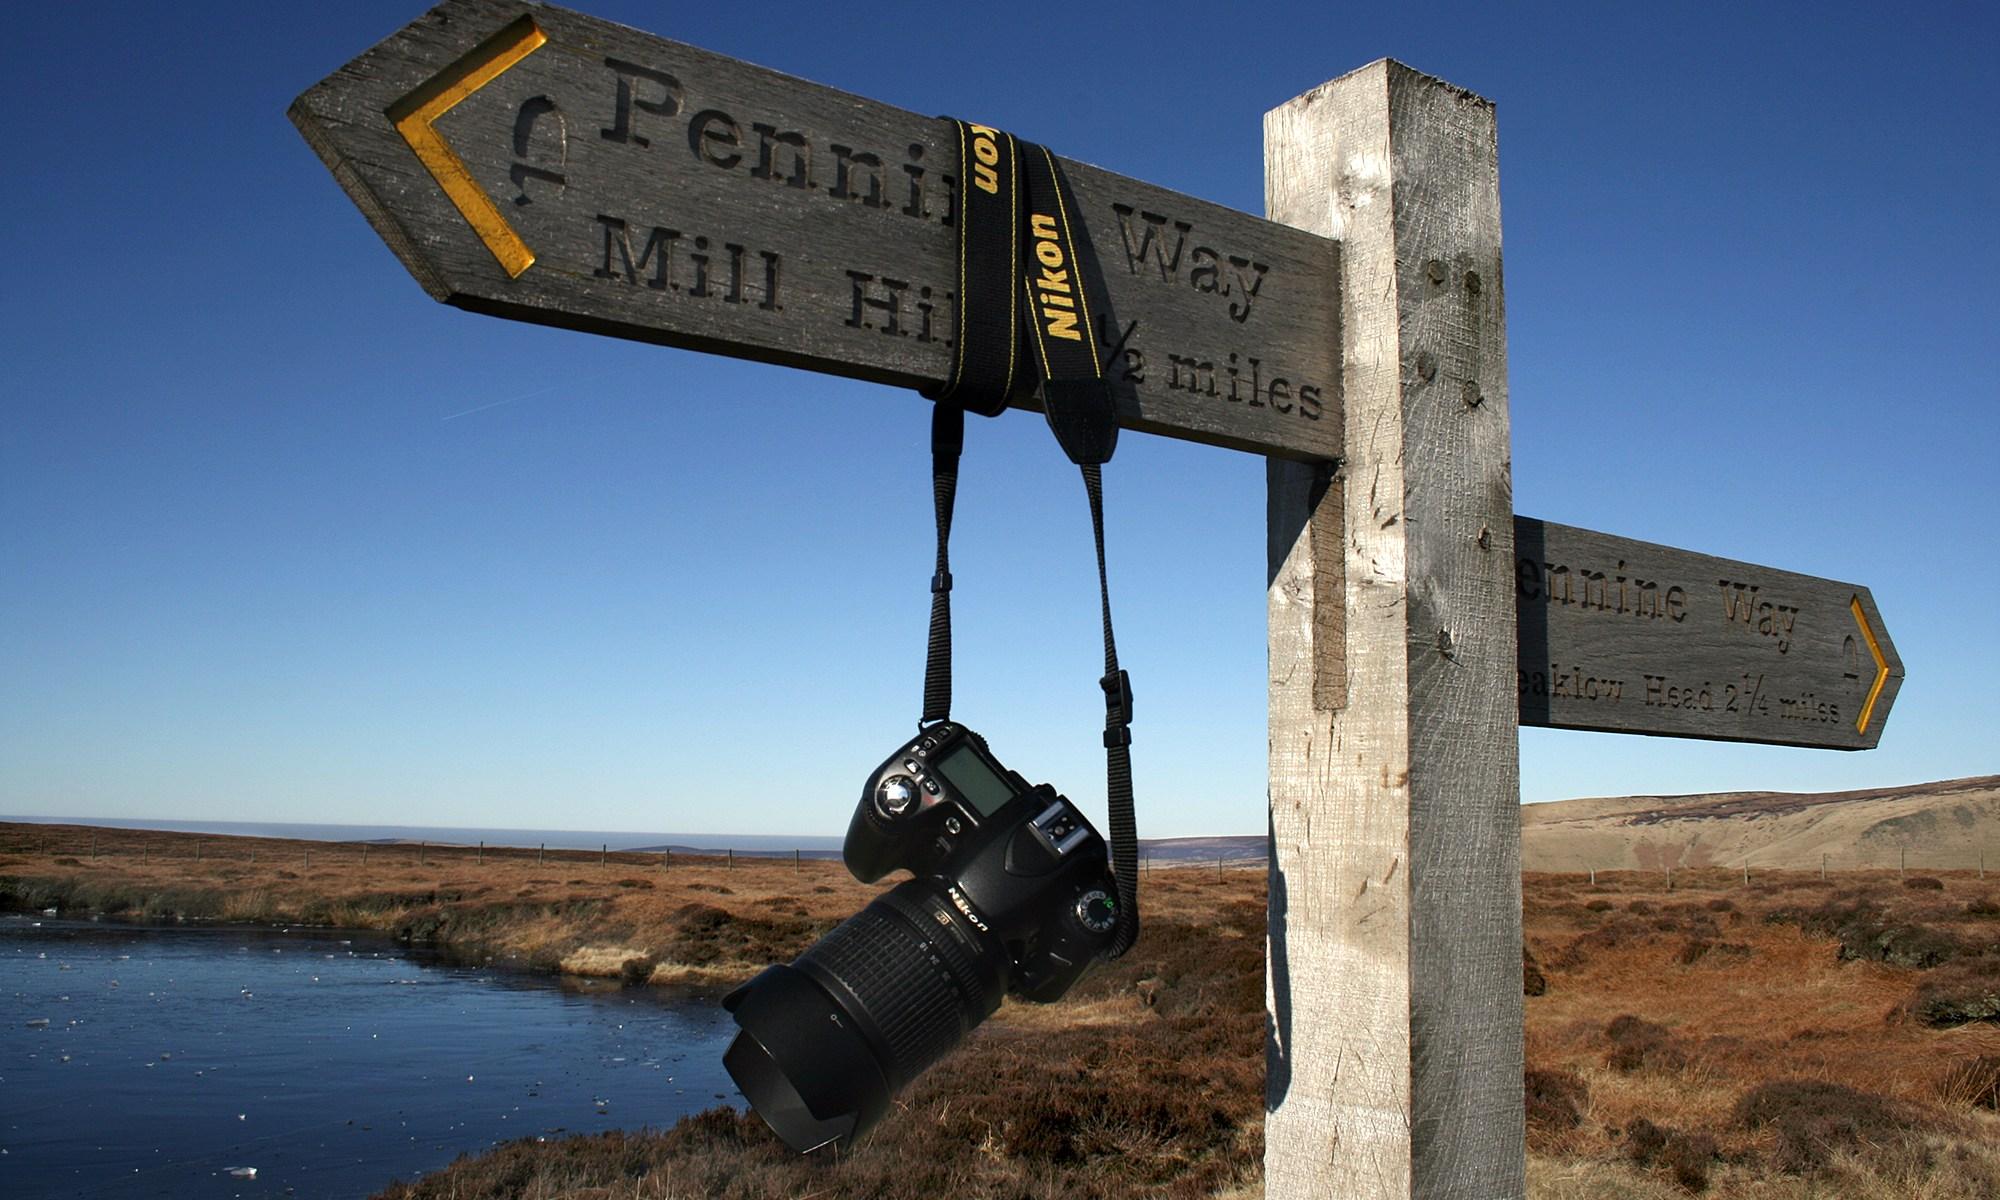 Pennine Way sign with Nikon D80 Camera